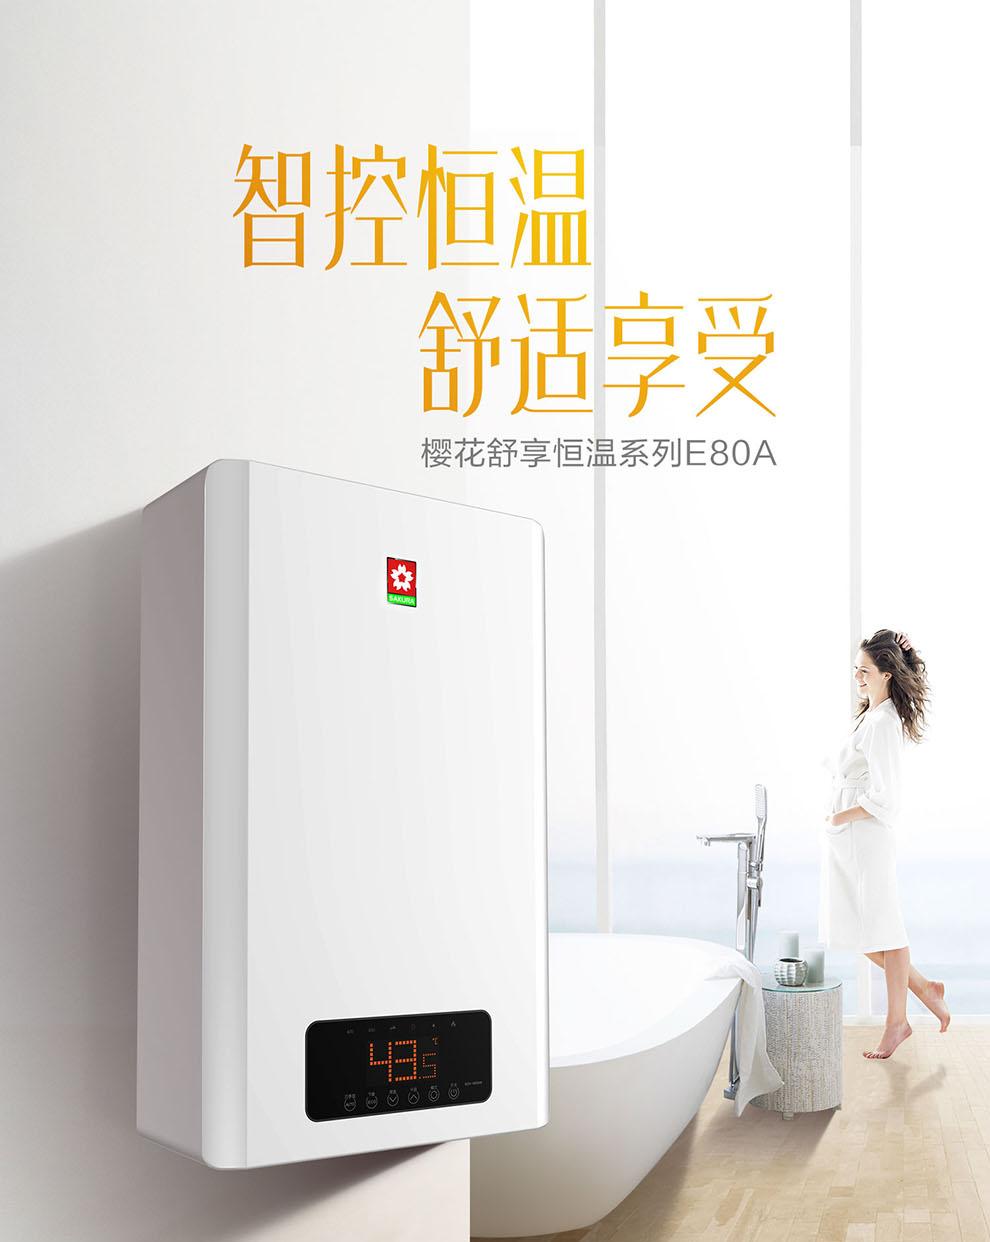 樱花燃气热水器 - 舒享恒温